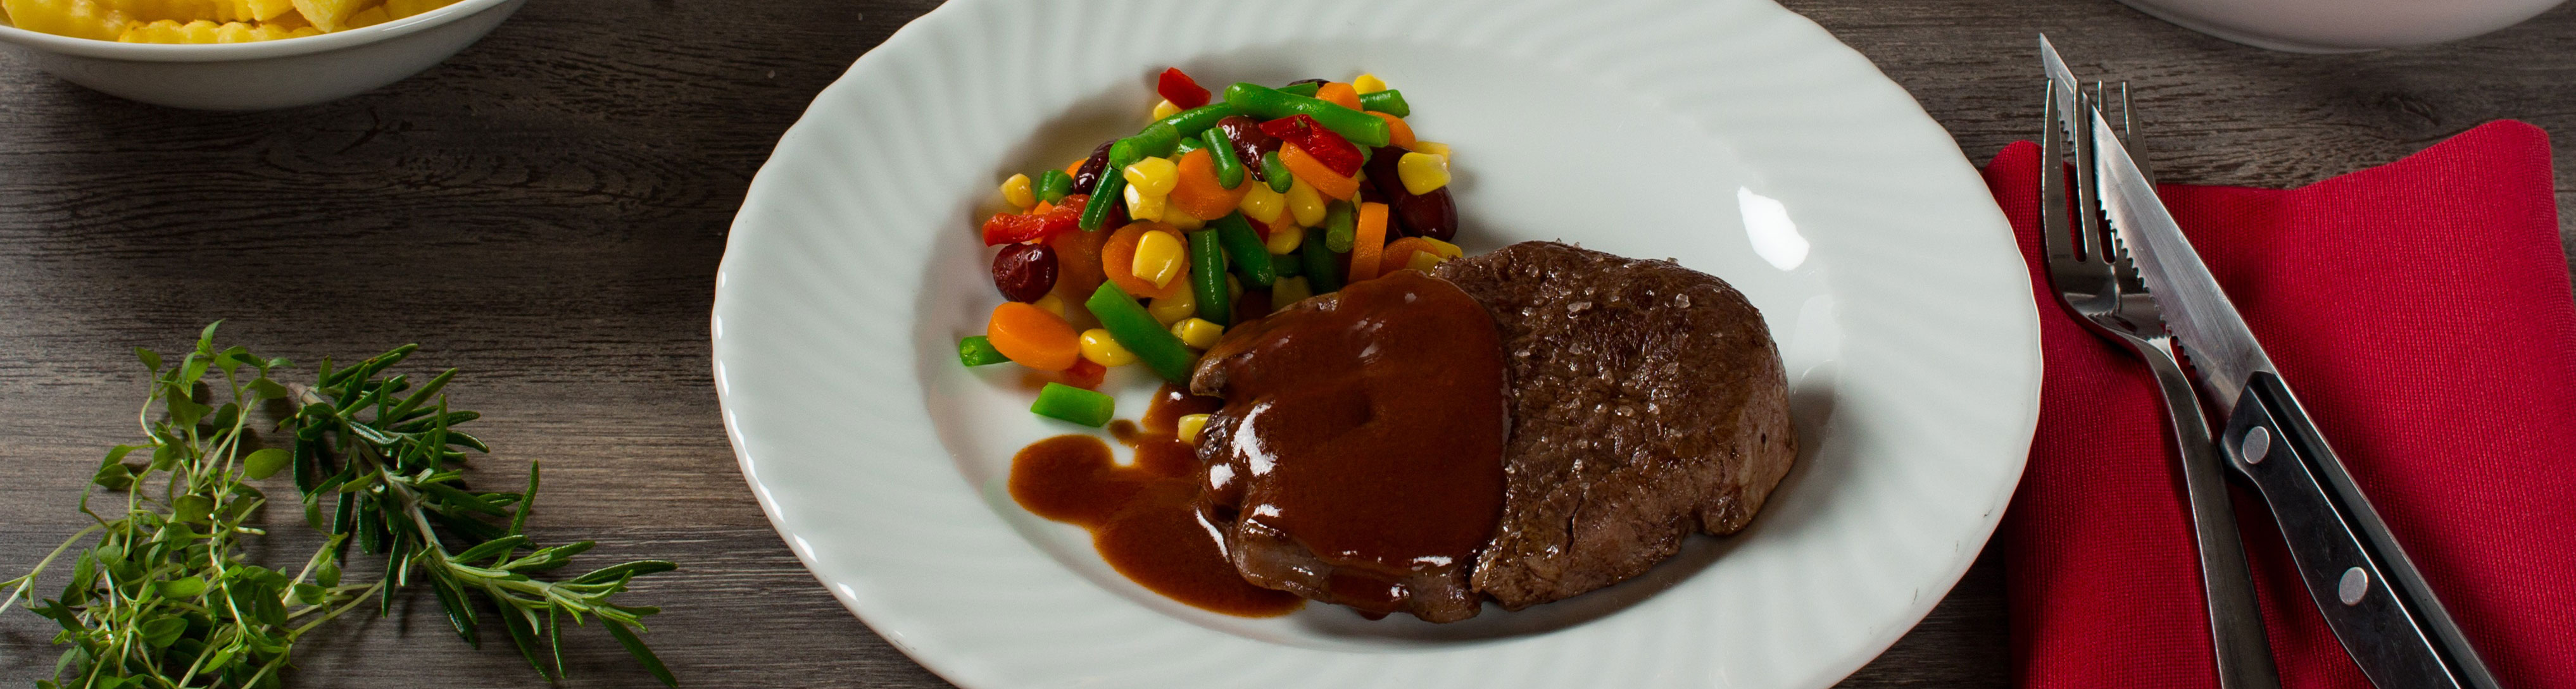 Iglo Steak mit Gemüse